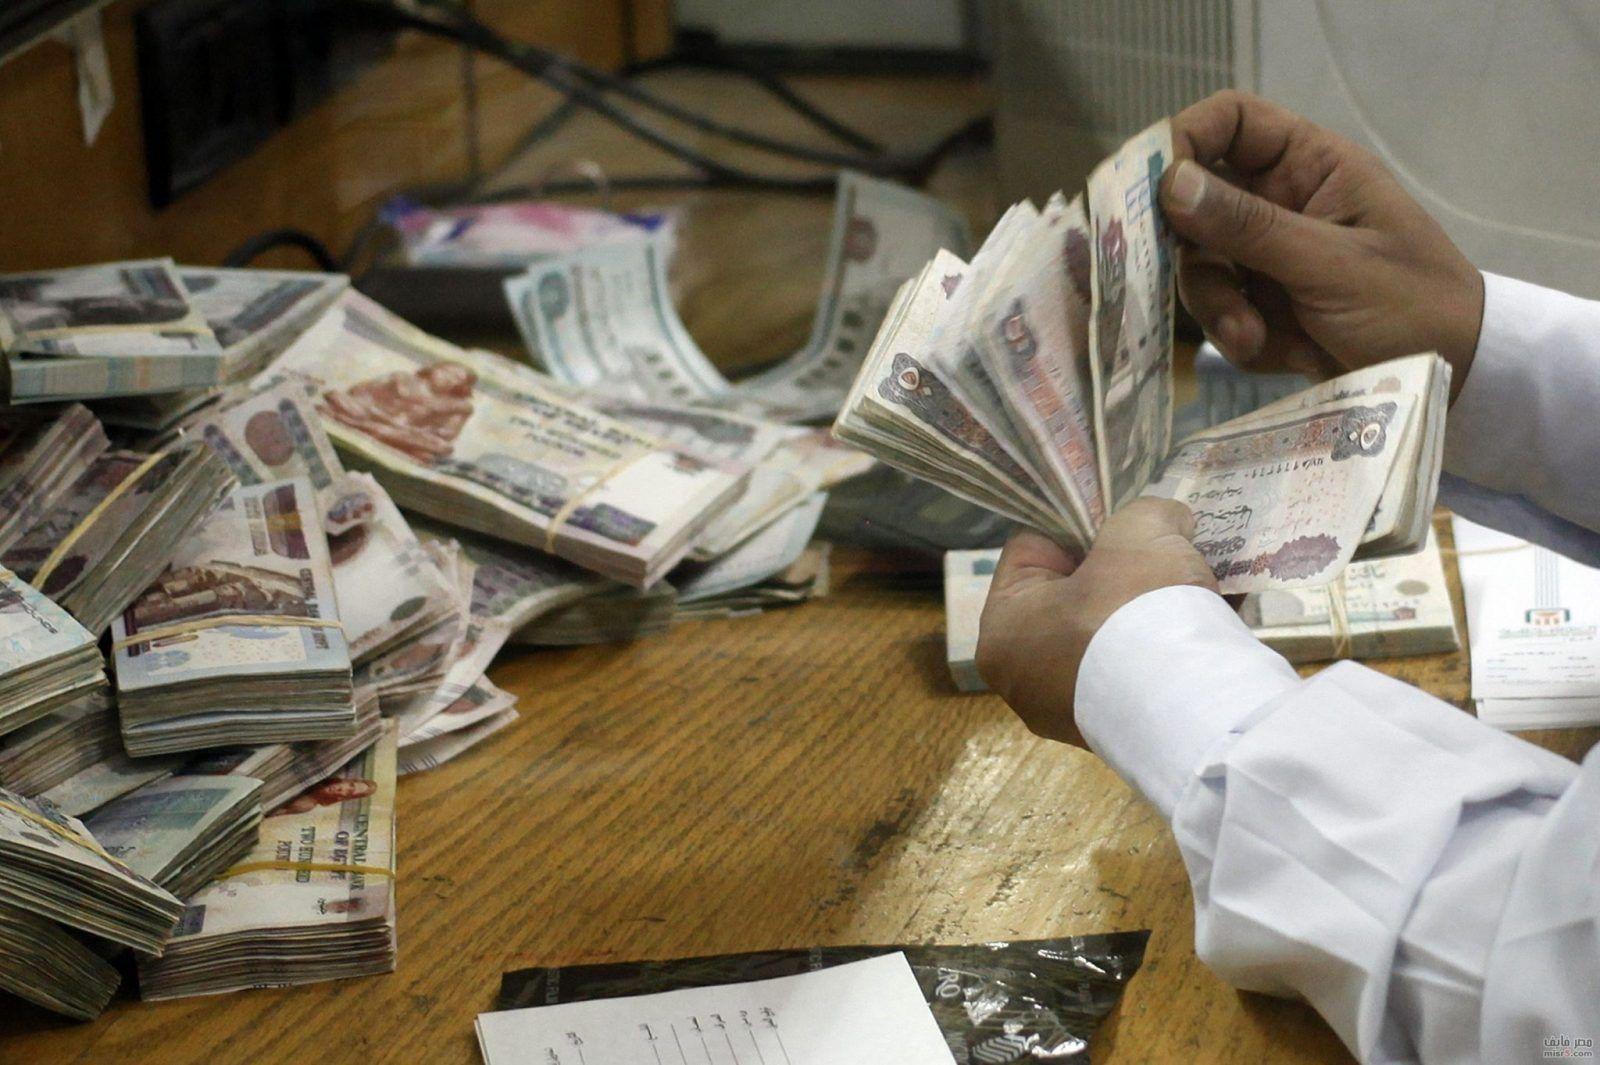 سعر الدولار اليوم في جميع البنوك المصرية الأربعاء 29/06/2021